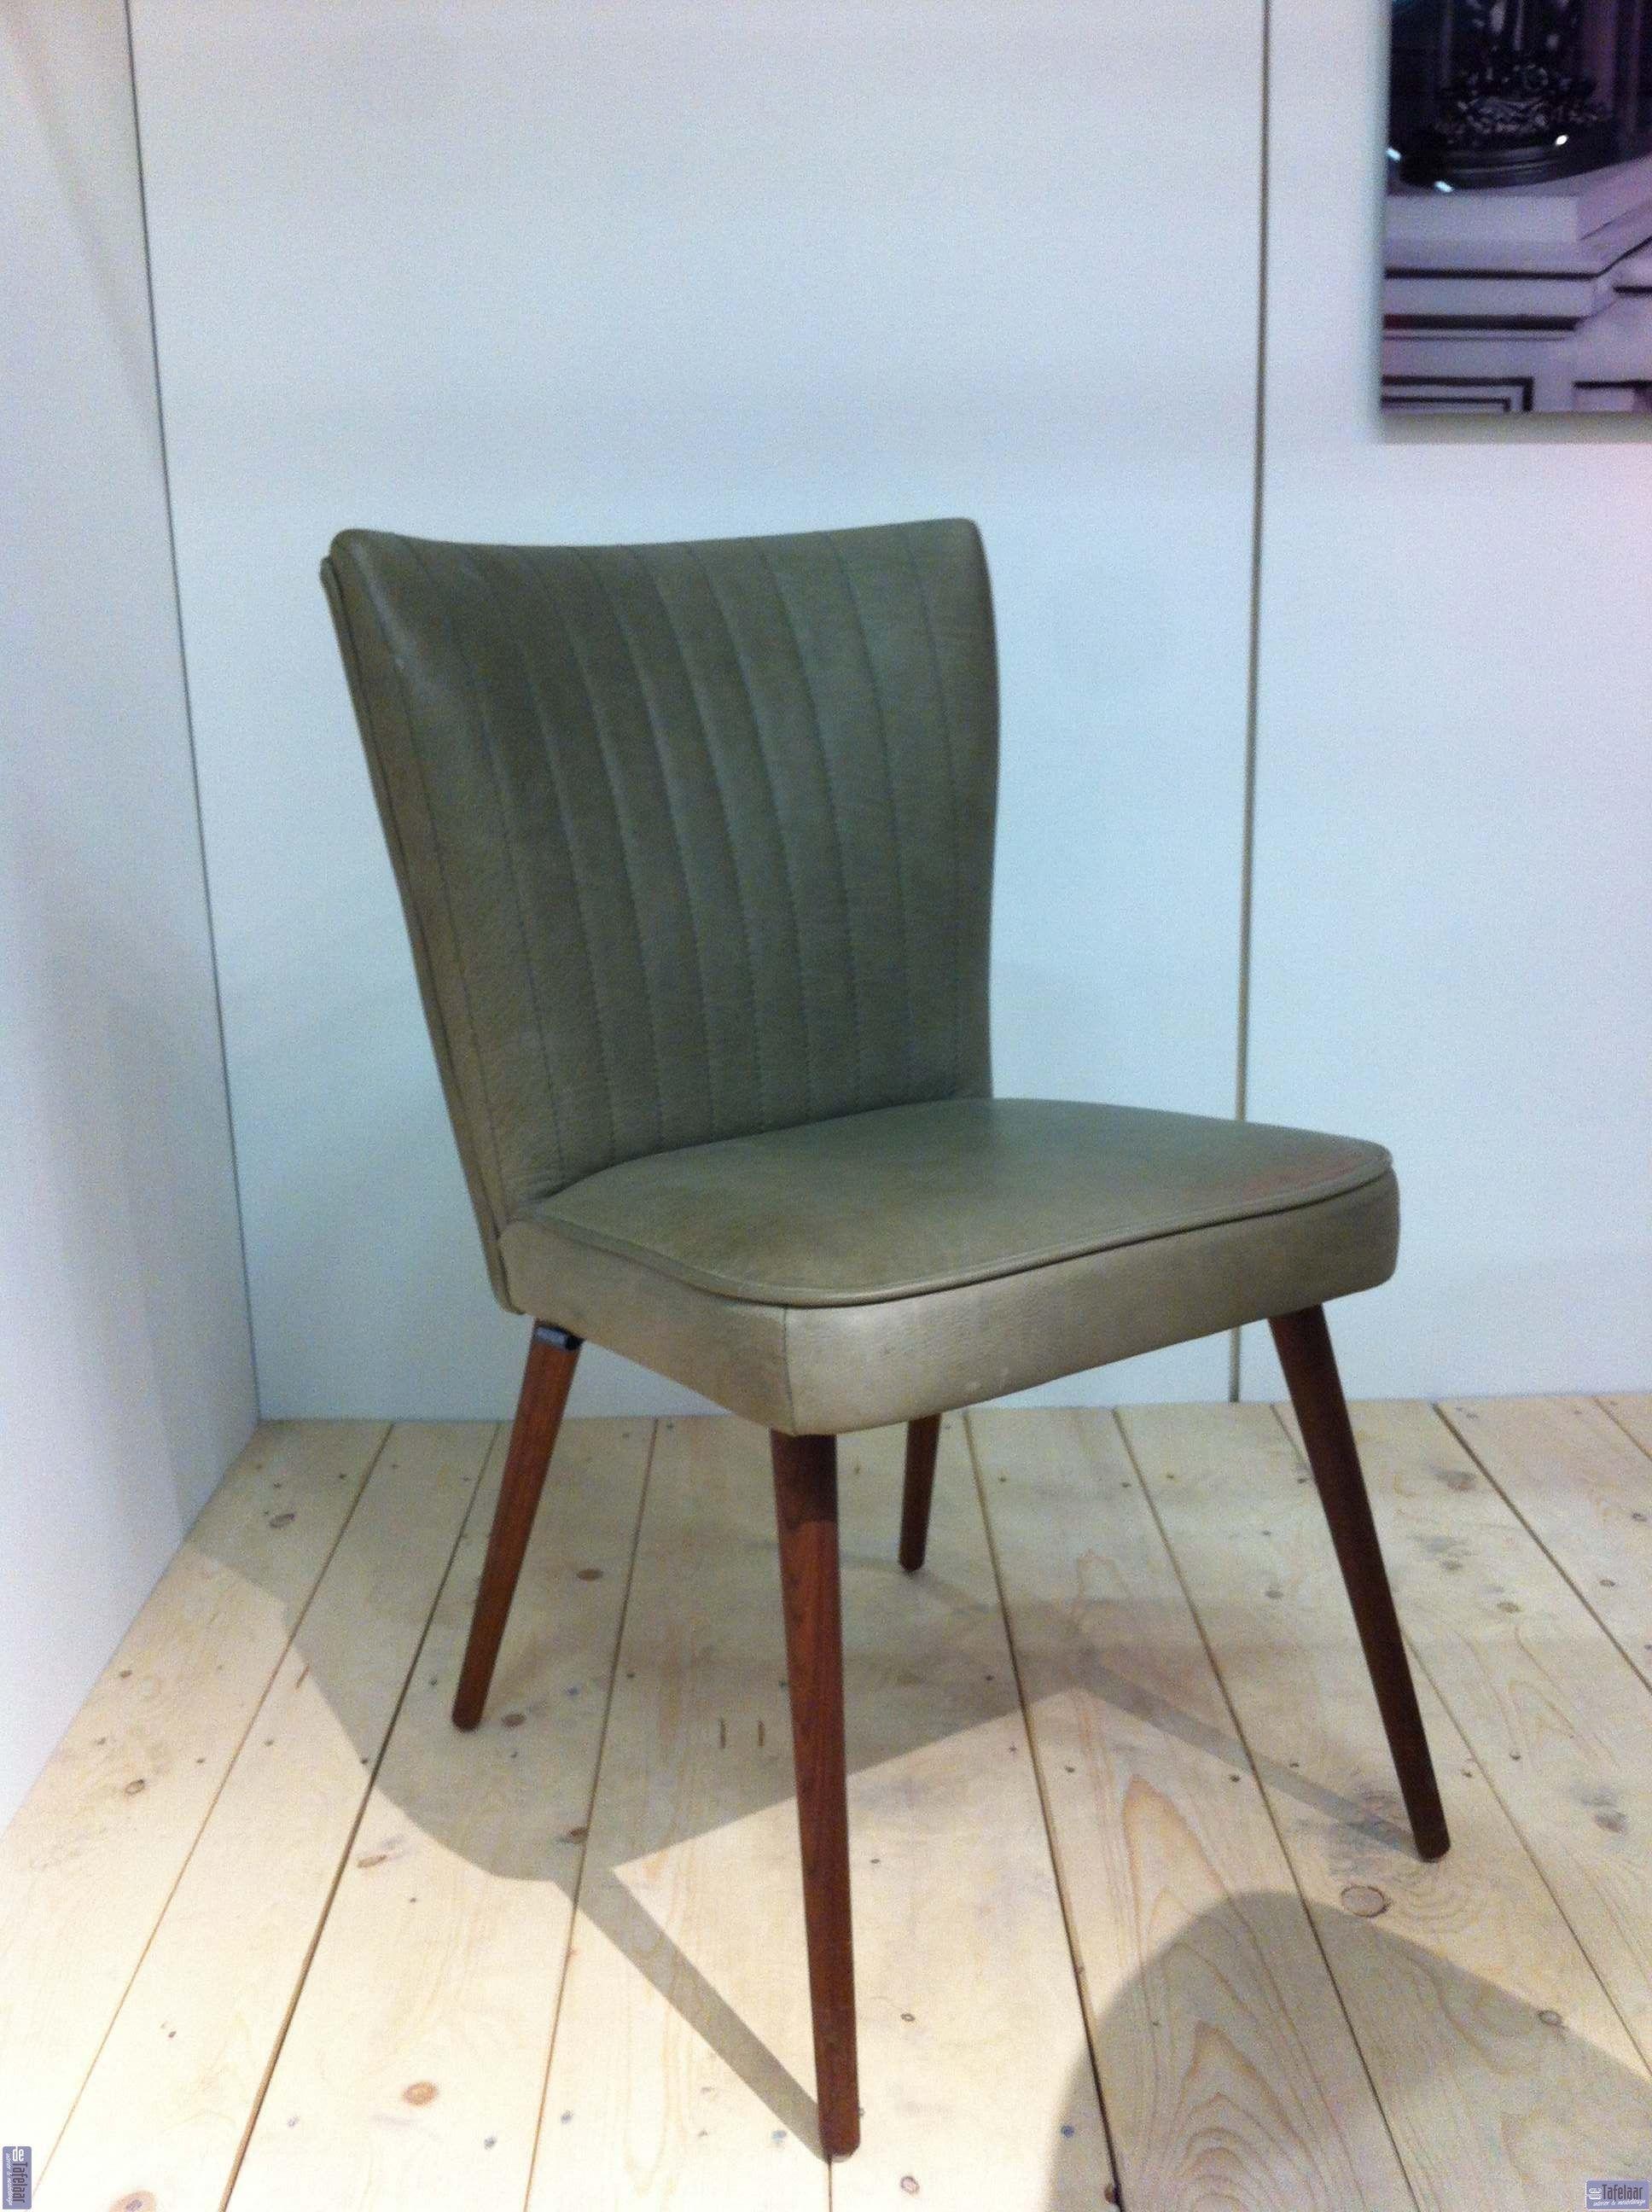 Retro Stoel Met Notenhouten Poten Dining Chairs Chair